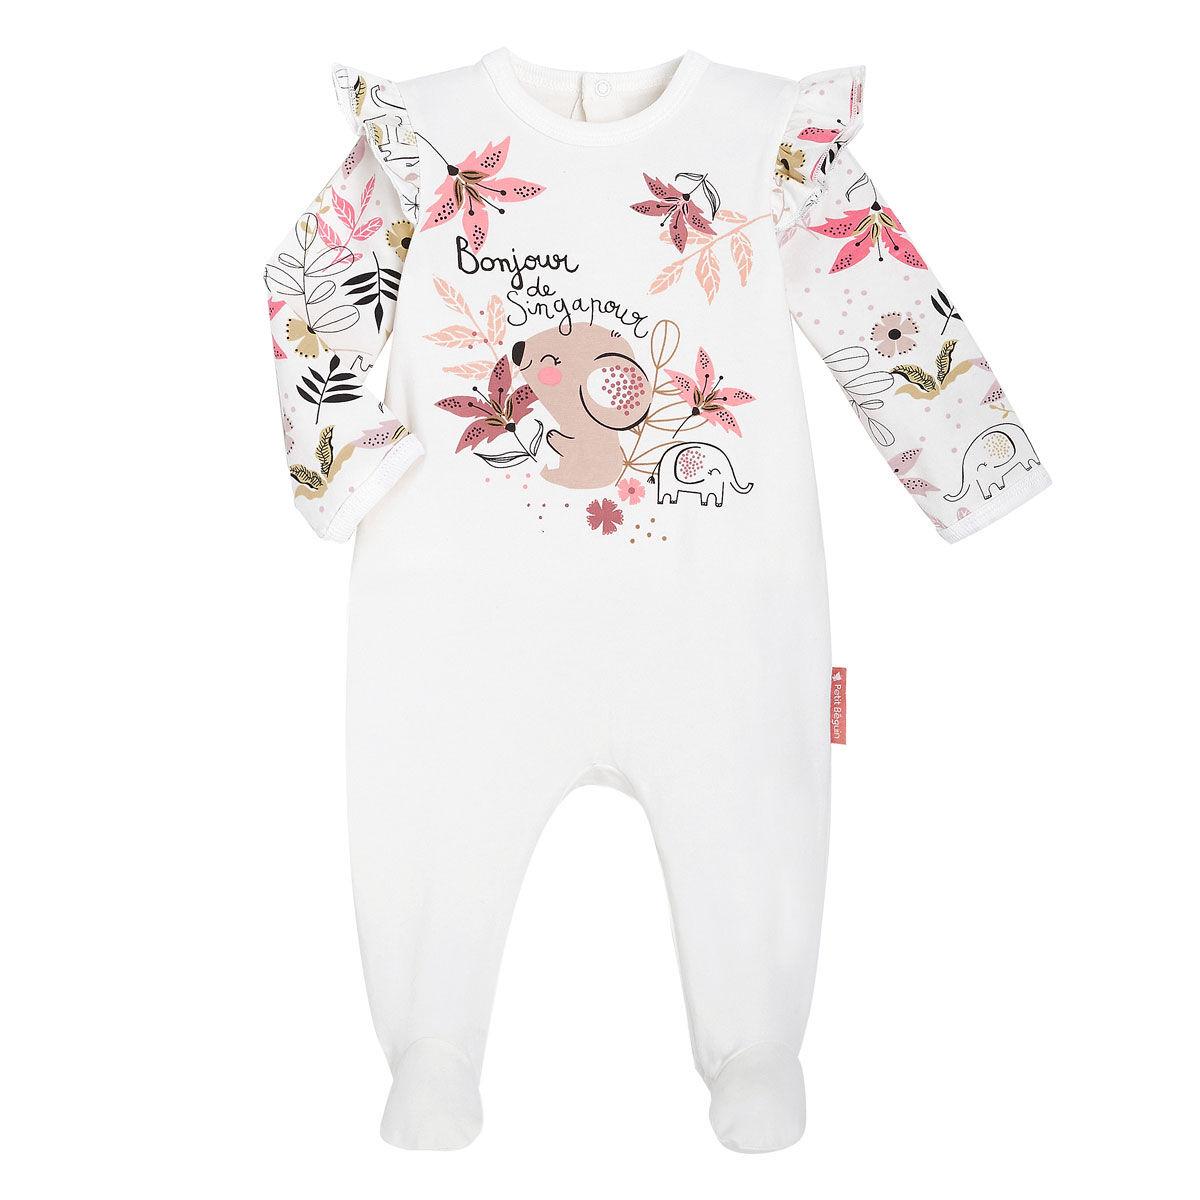 Petit Béguin Pyjama bébé contenant du coton bio Singapour - Taille - 6 mois